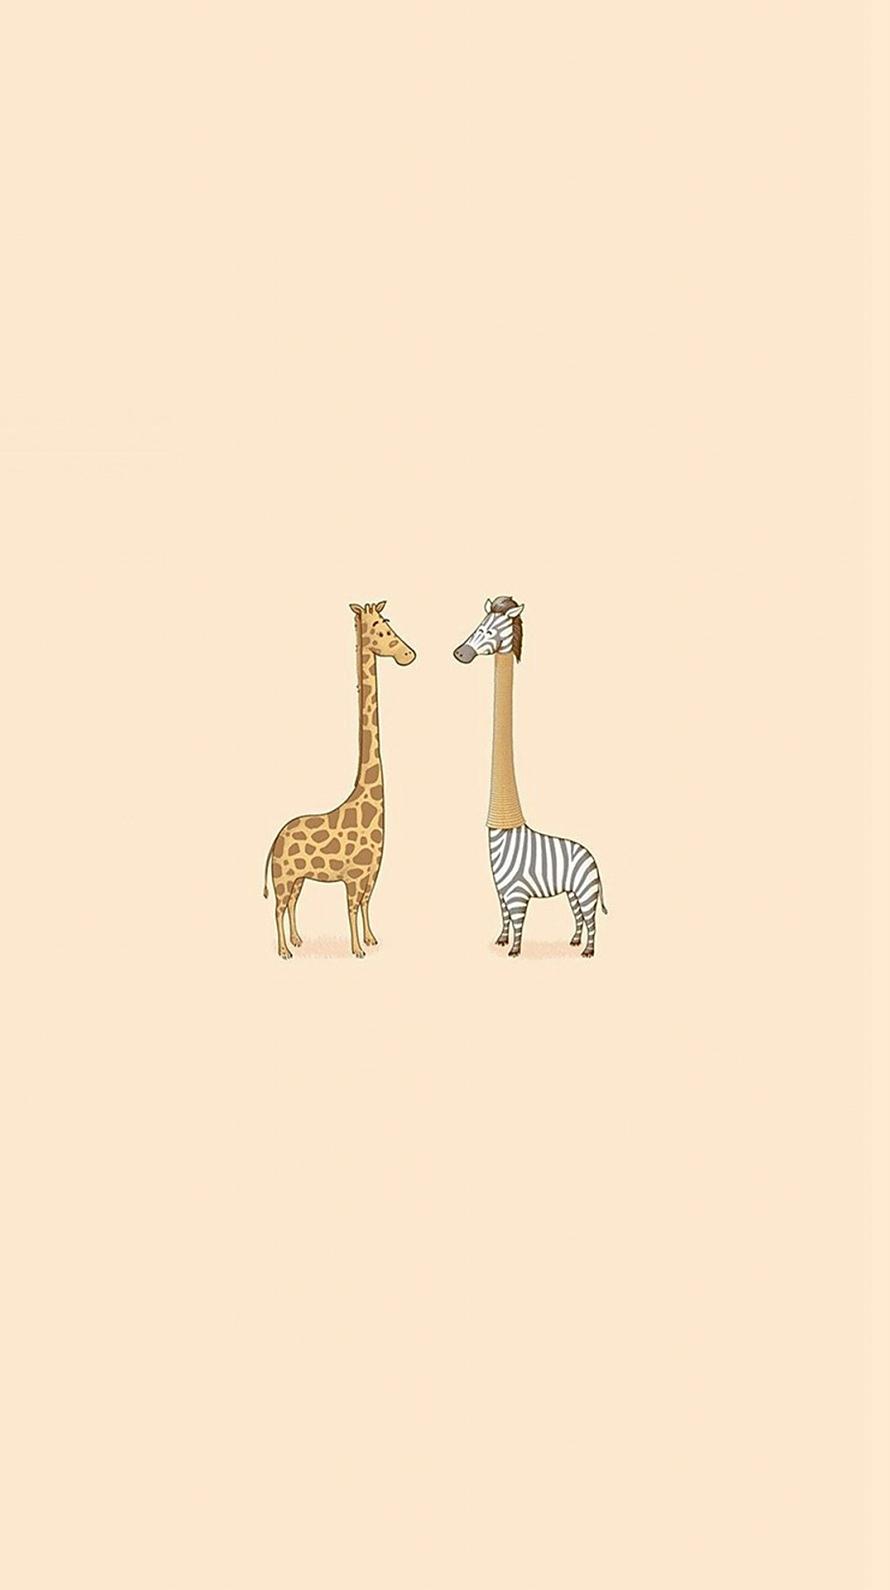 シマウマとキリン iPhone6壁紙